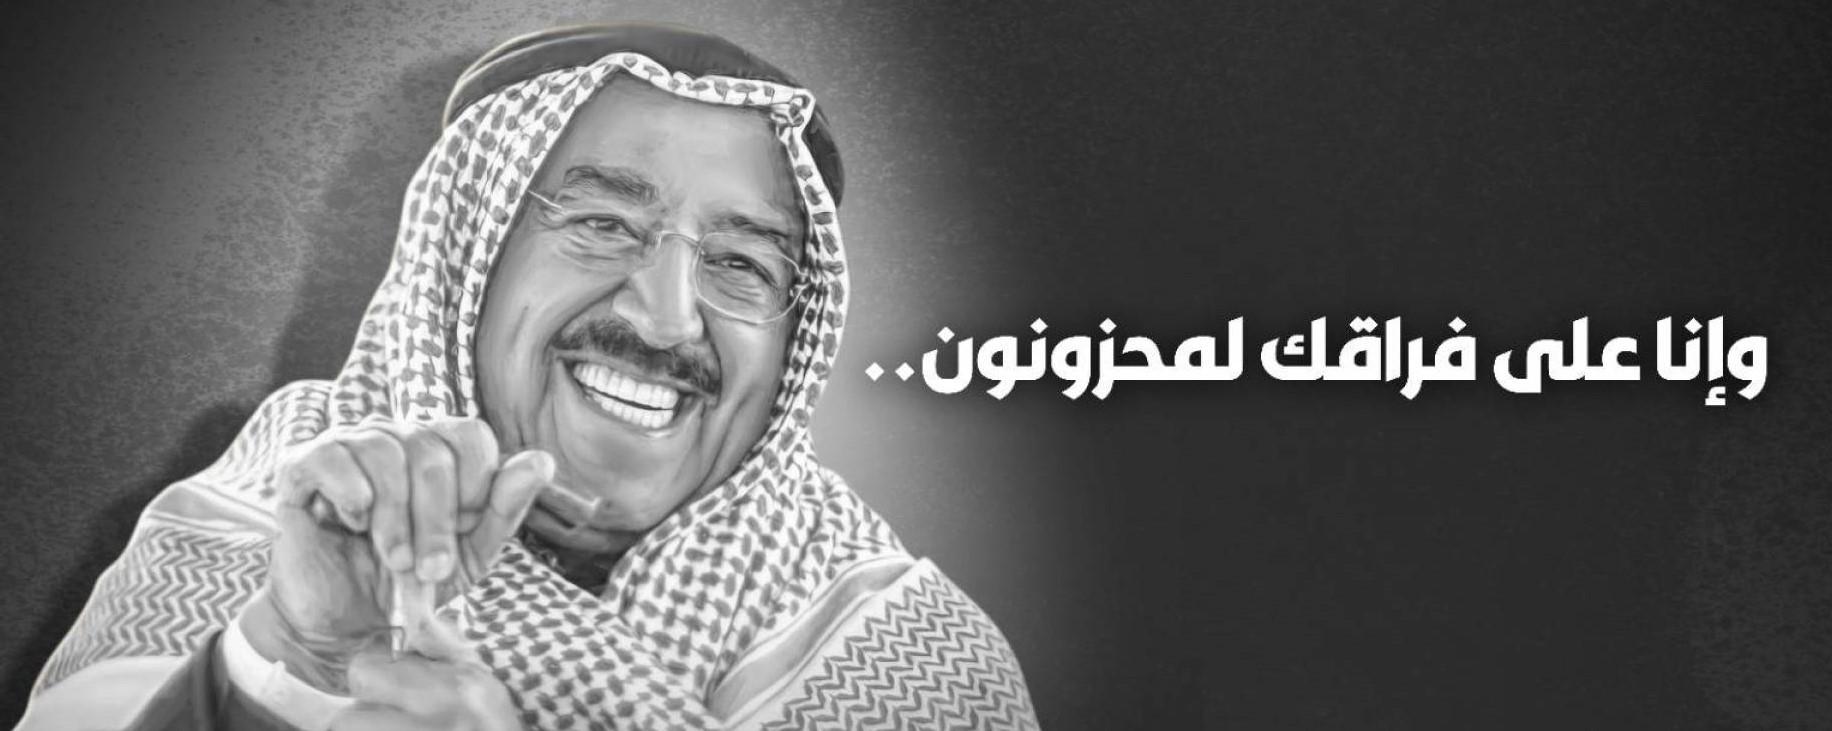 بالفيديو والصور، تشييع جثمان الشيخ صباح الأحمد رحمه الله